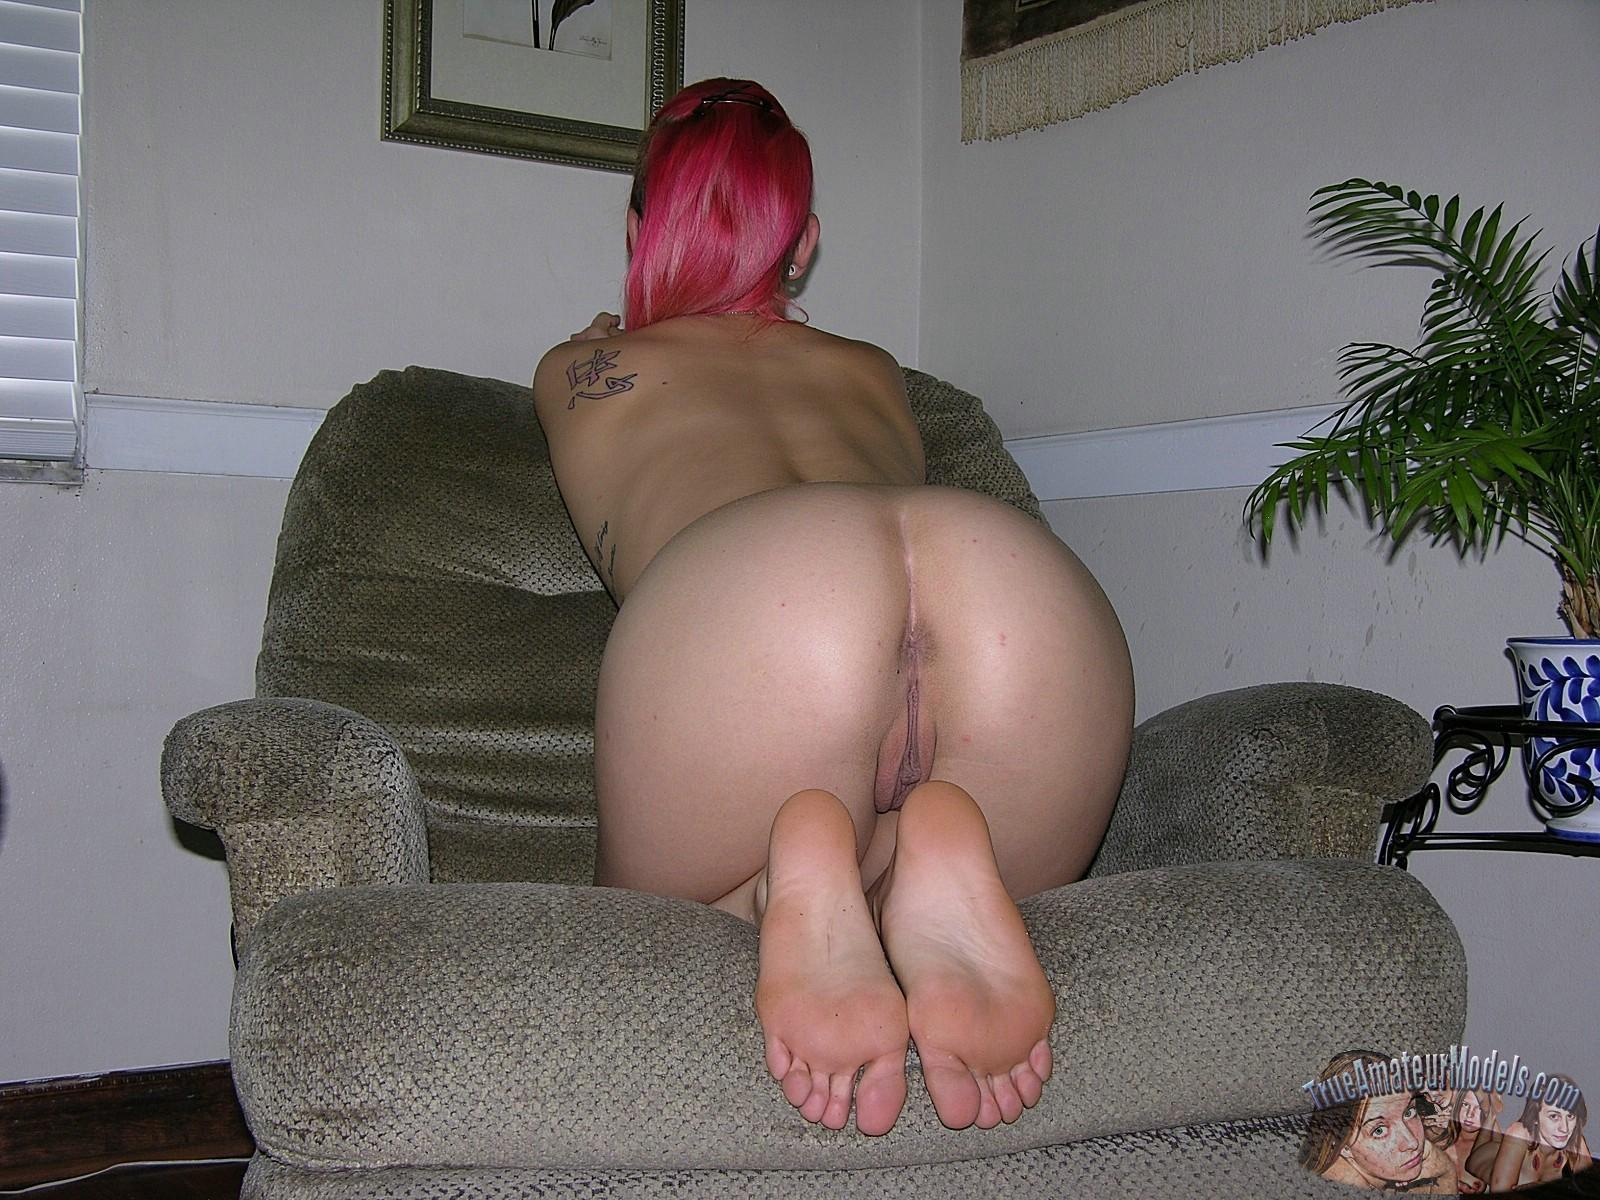 Девушка с красными волосами позирует перед камерой в голом виде